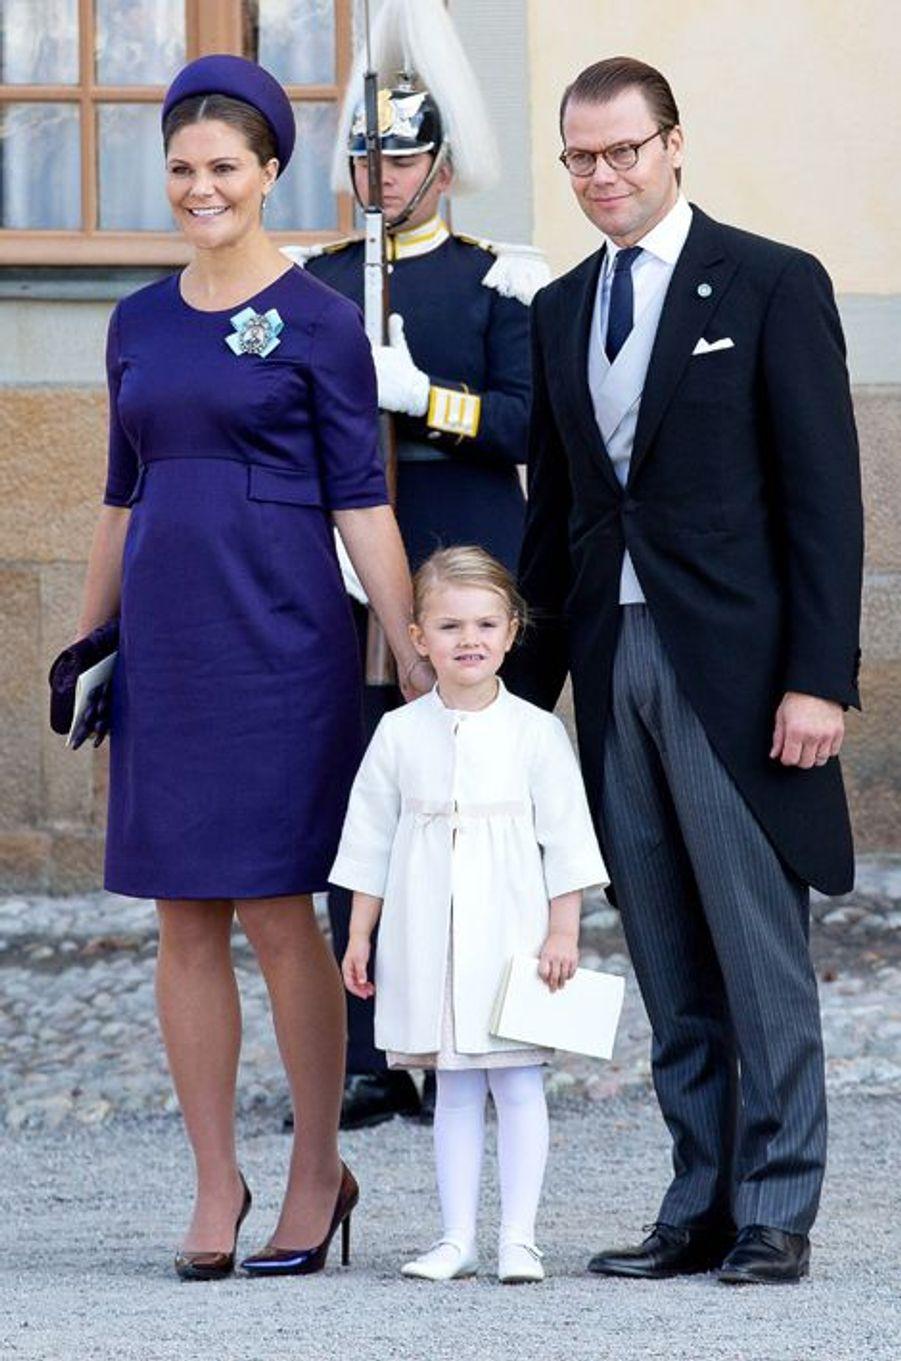 La princesse Victoria de Suède, avec le prince consort Daniel et la princesse Estelle, le 11 octobre 2015